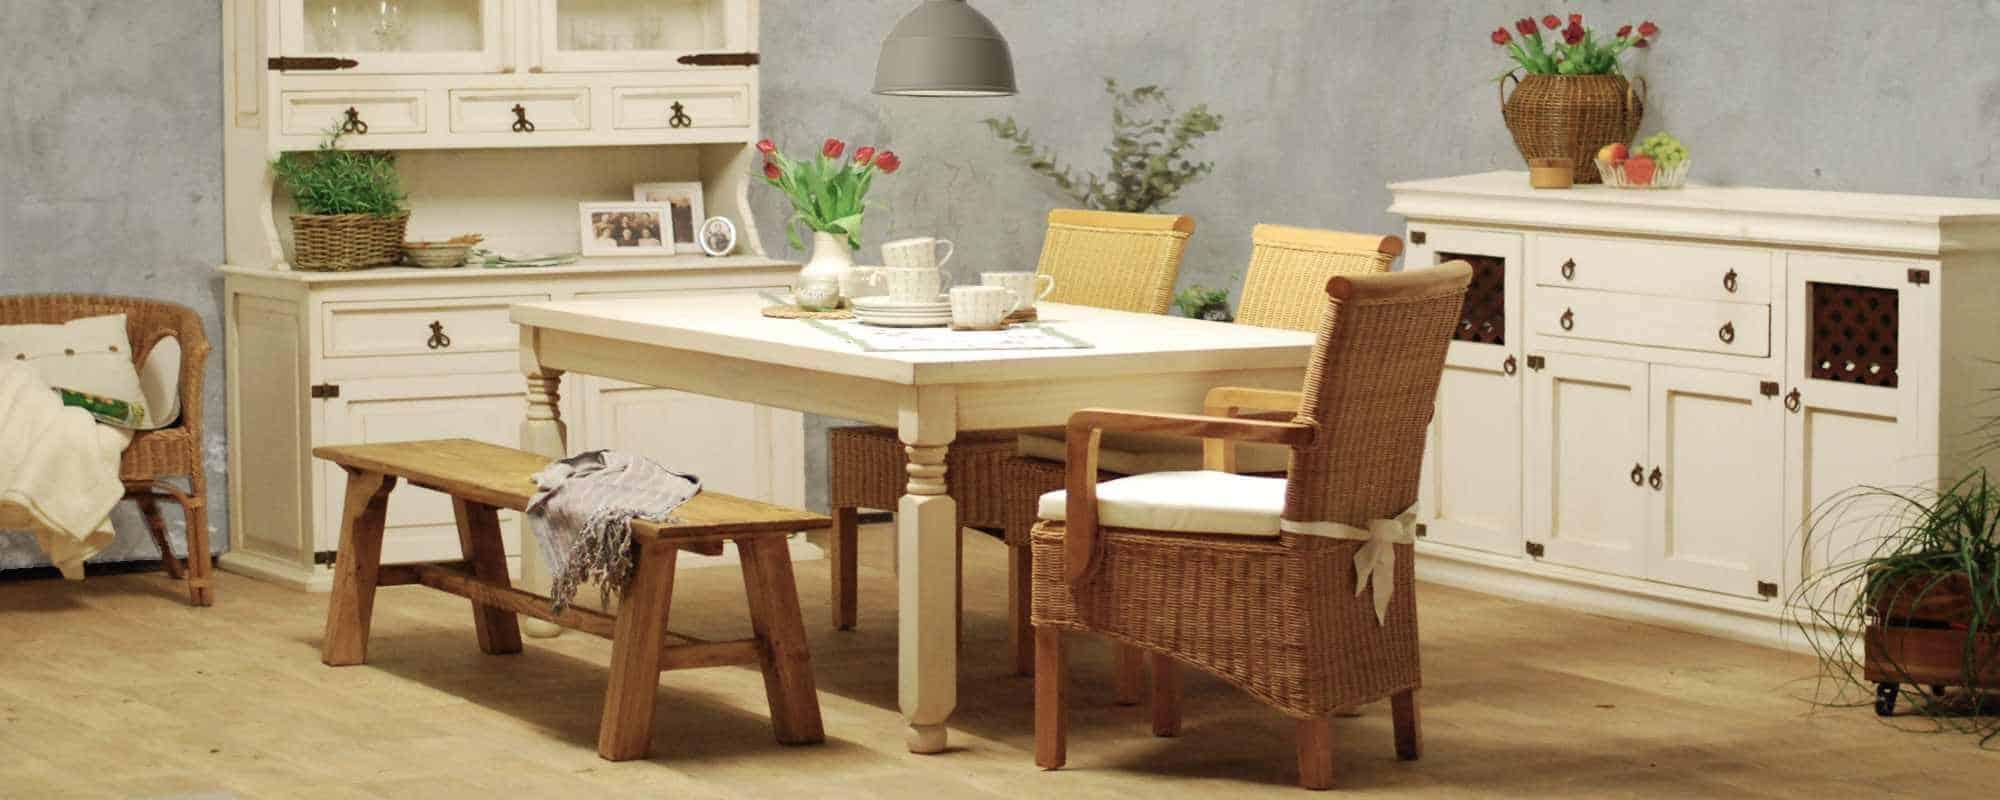 landhausm bel und m bel im landhausstil online kaufen miam bel. Black Bedroom Furniture Sets. Home Design Ideas